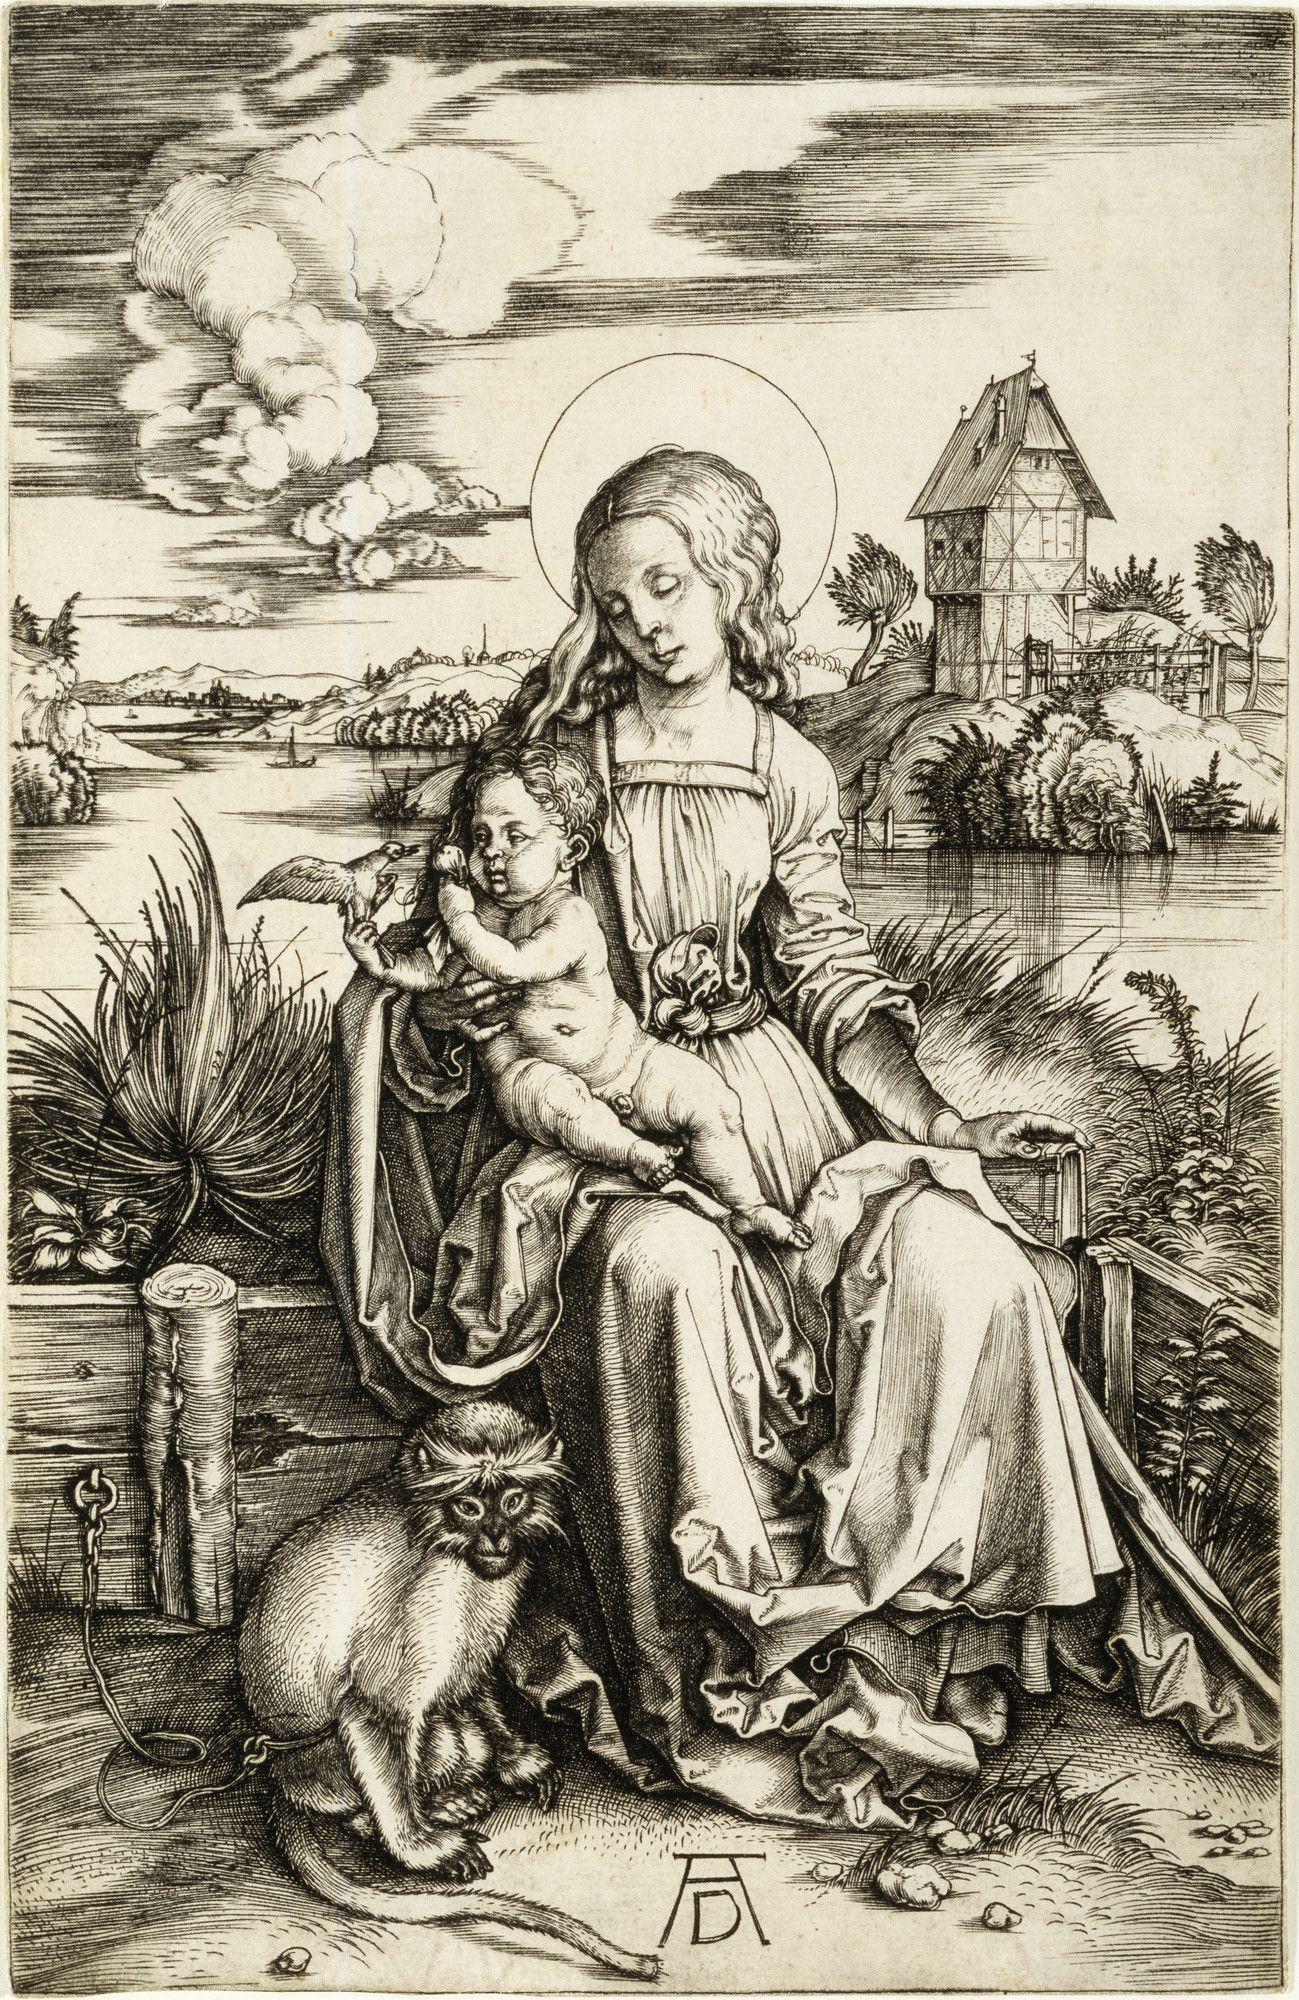 Albrecht Durer Fine Art Print The Death of the Virgin